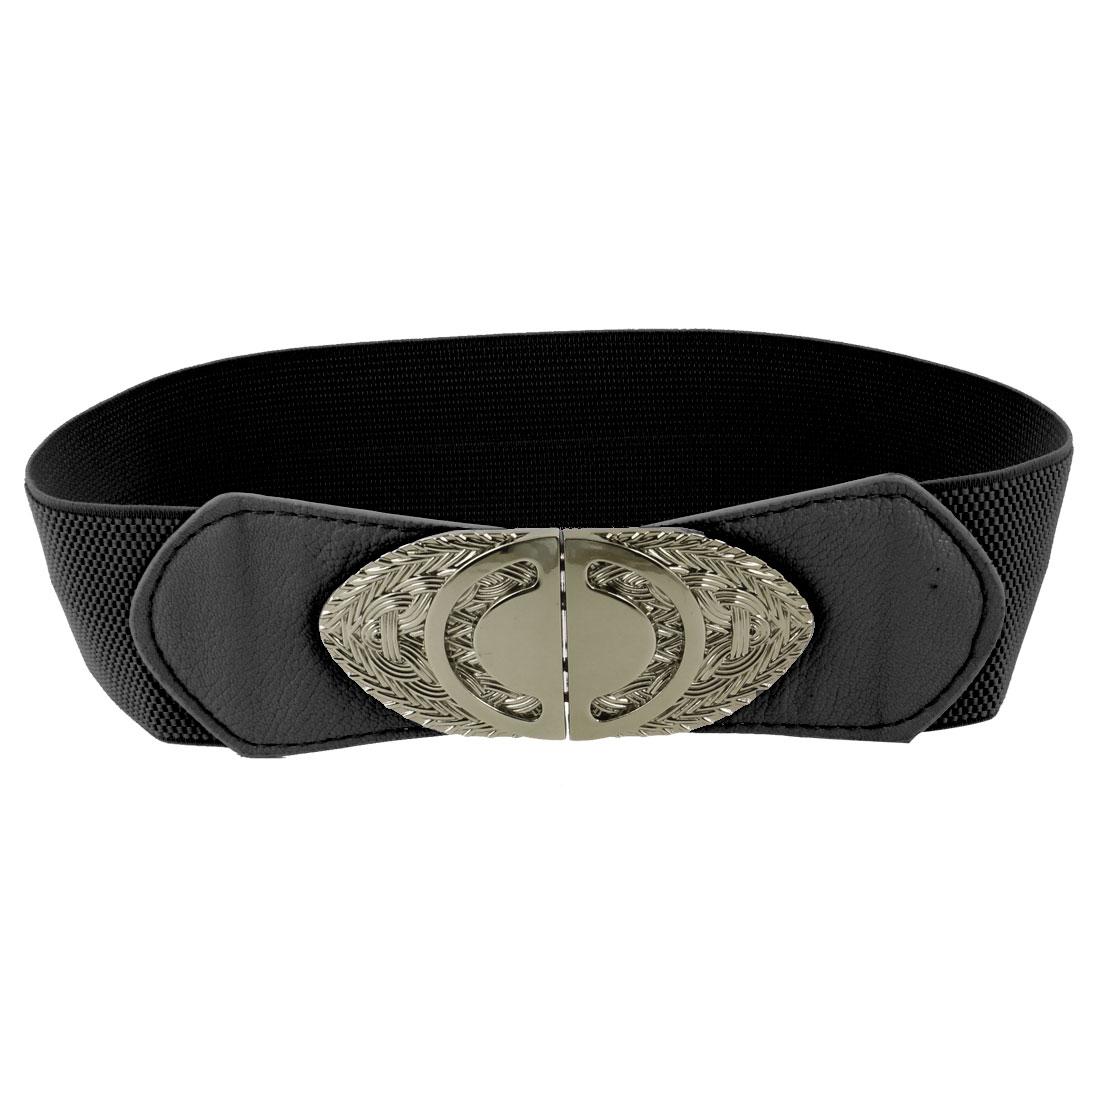 Double D Design Interlock Buckle Elastic Cinch Belt Waistbelt Black for Ladies